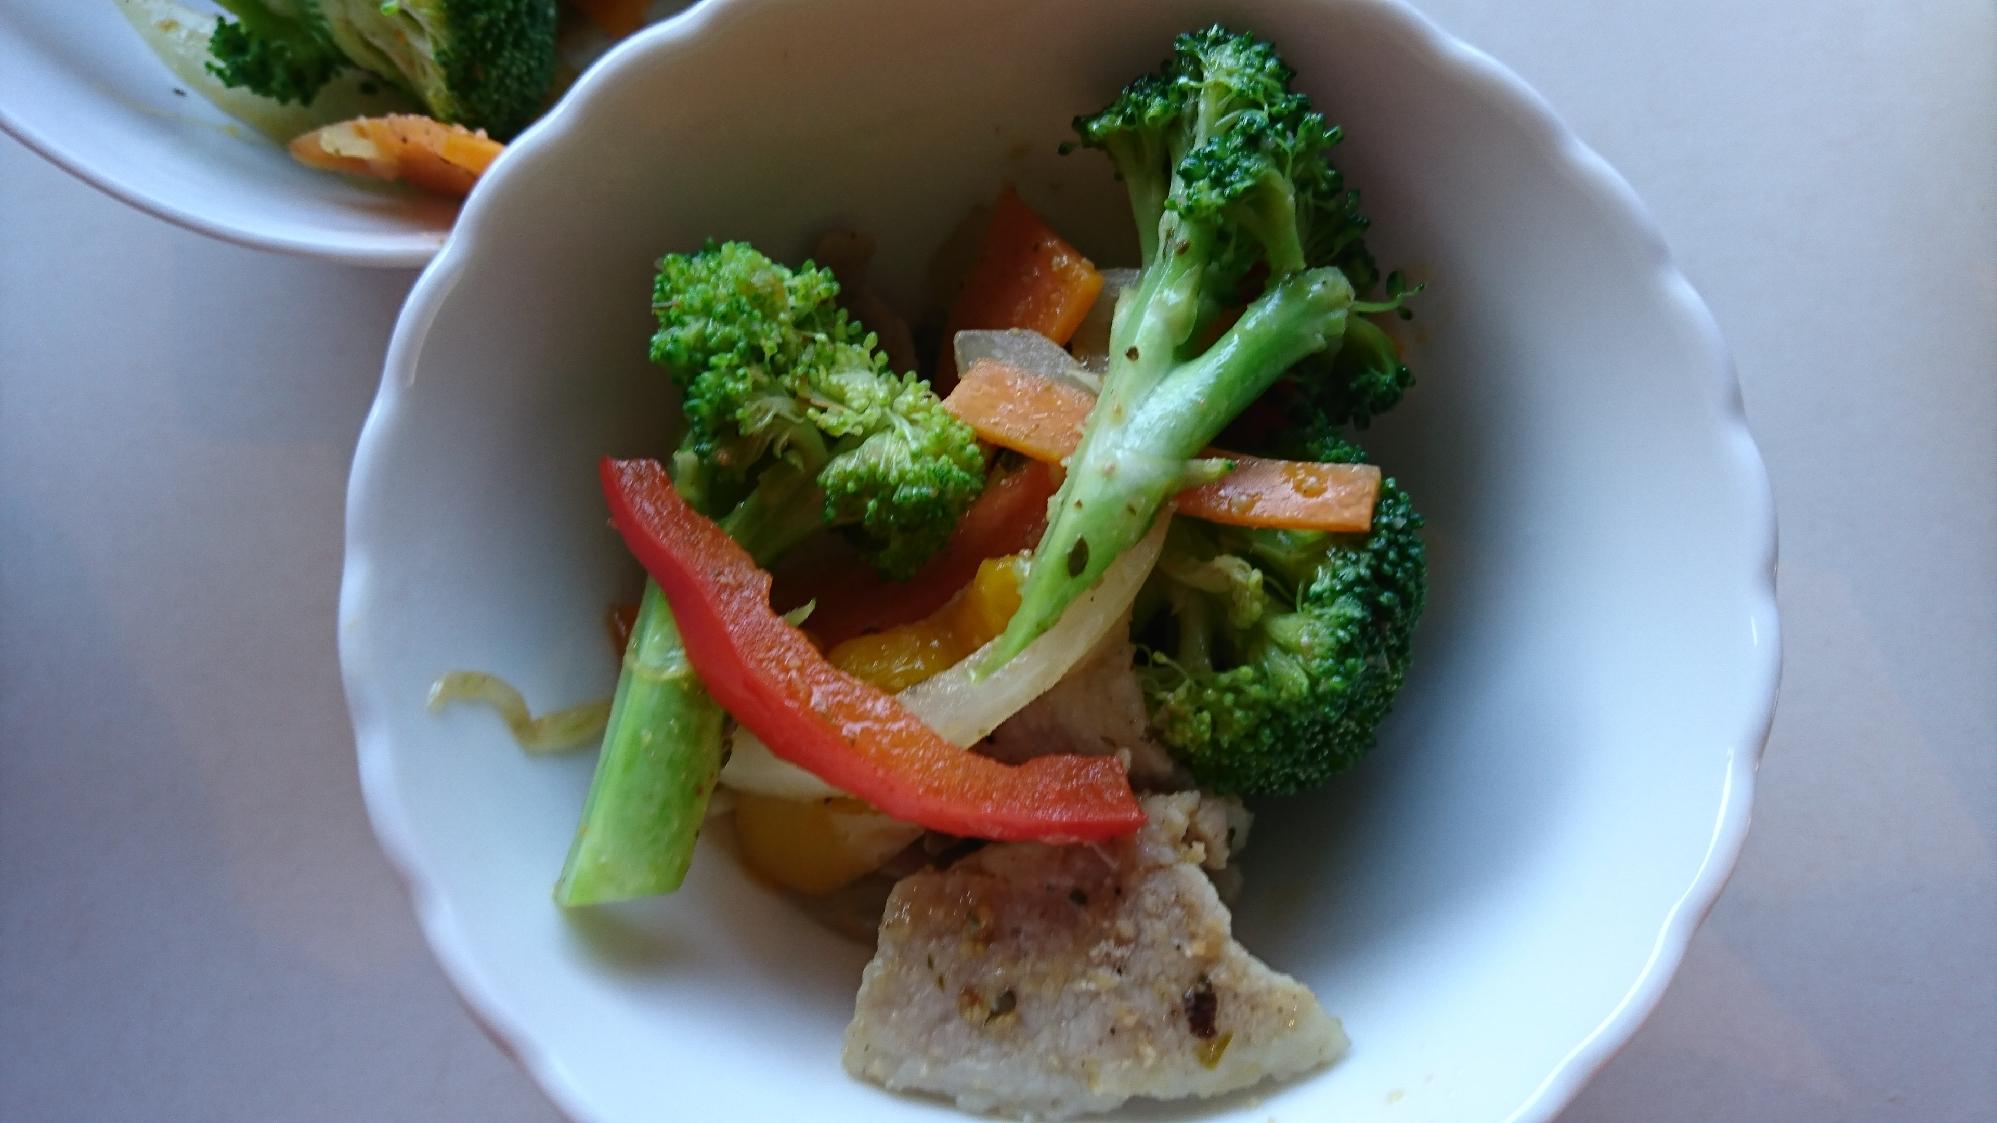 4. 野菜たっぷり♪ 豚バラ肉と野菜の炒めもの